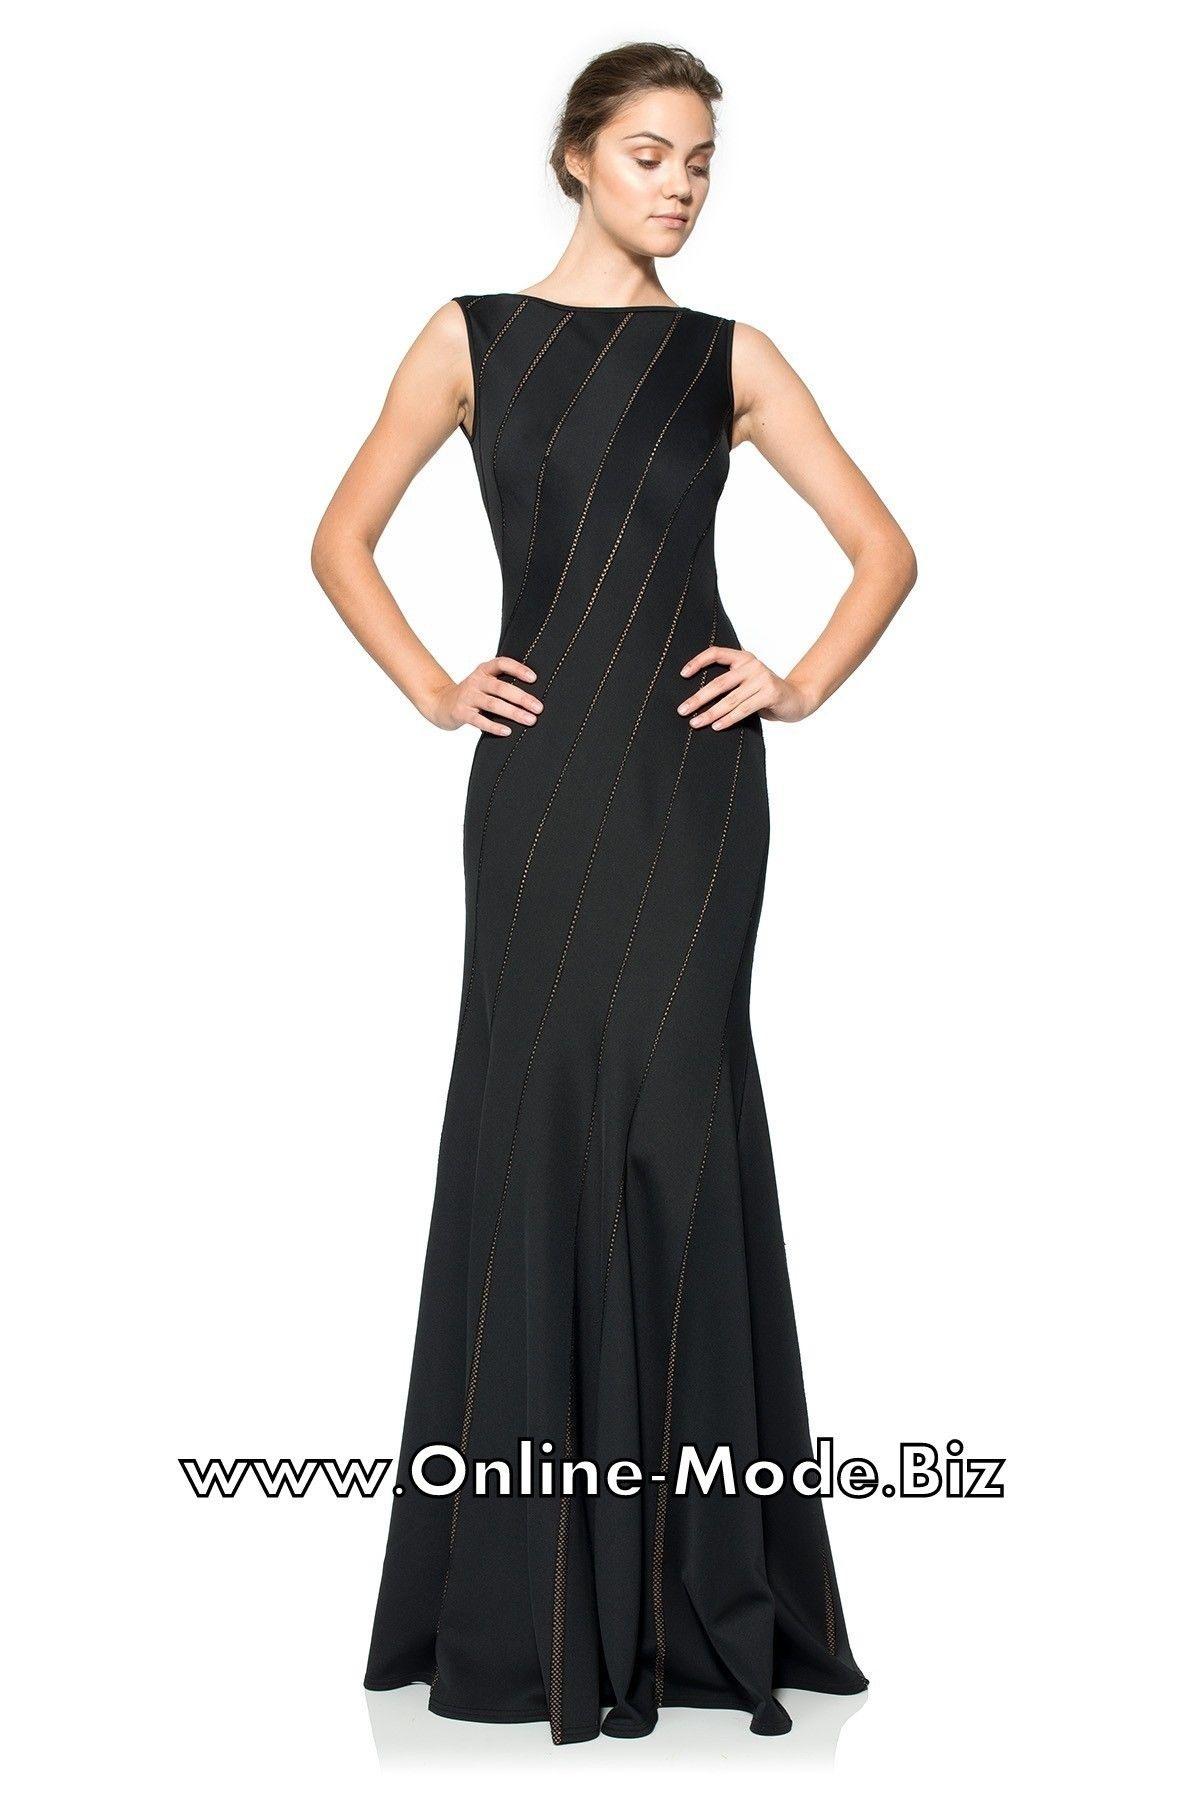 Schön Bodenlanges Schwarzes Kleid SpezialgebietFormal Fantastisch Bodenlanges Schwarzes Kleid Galerie